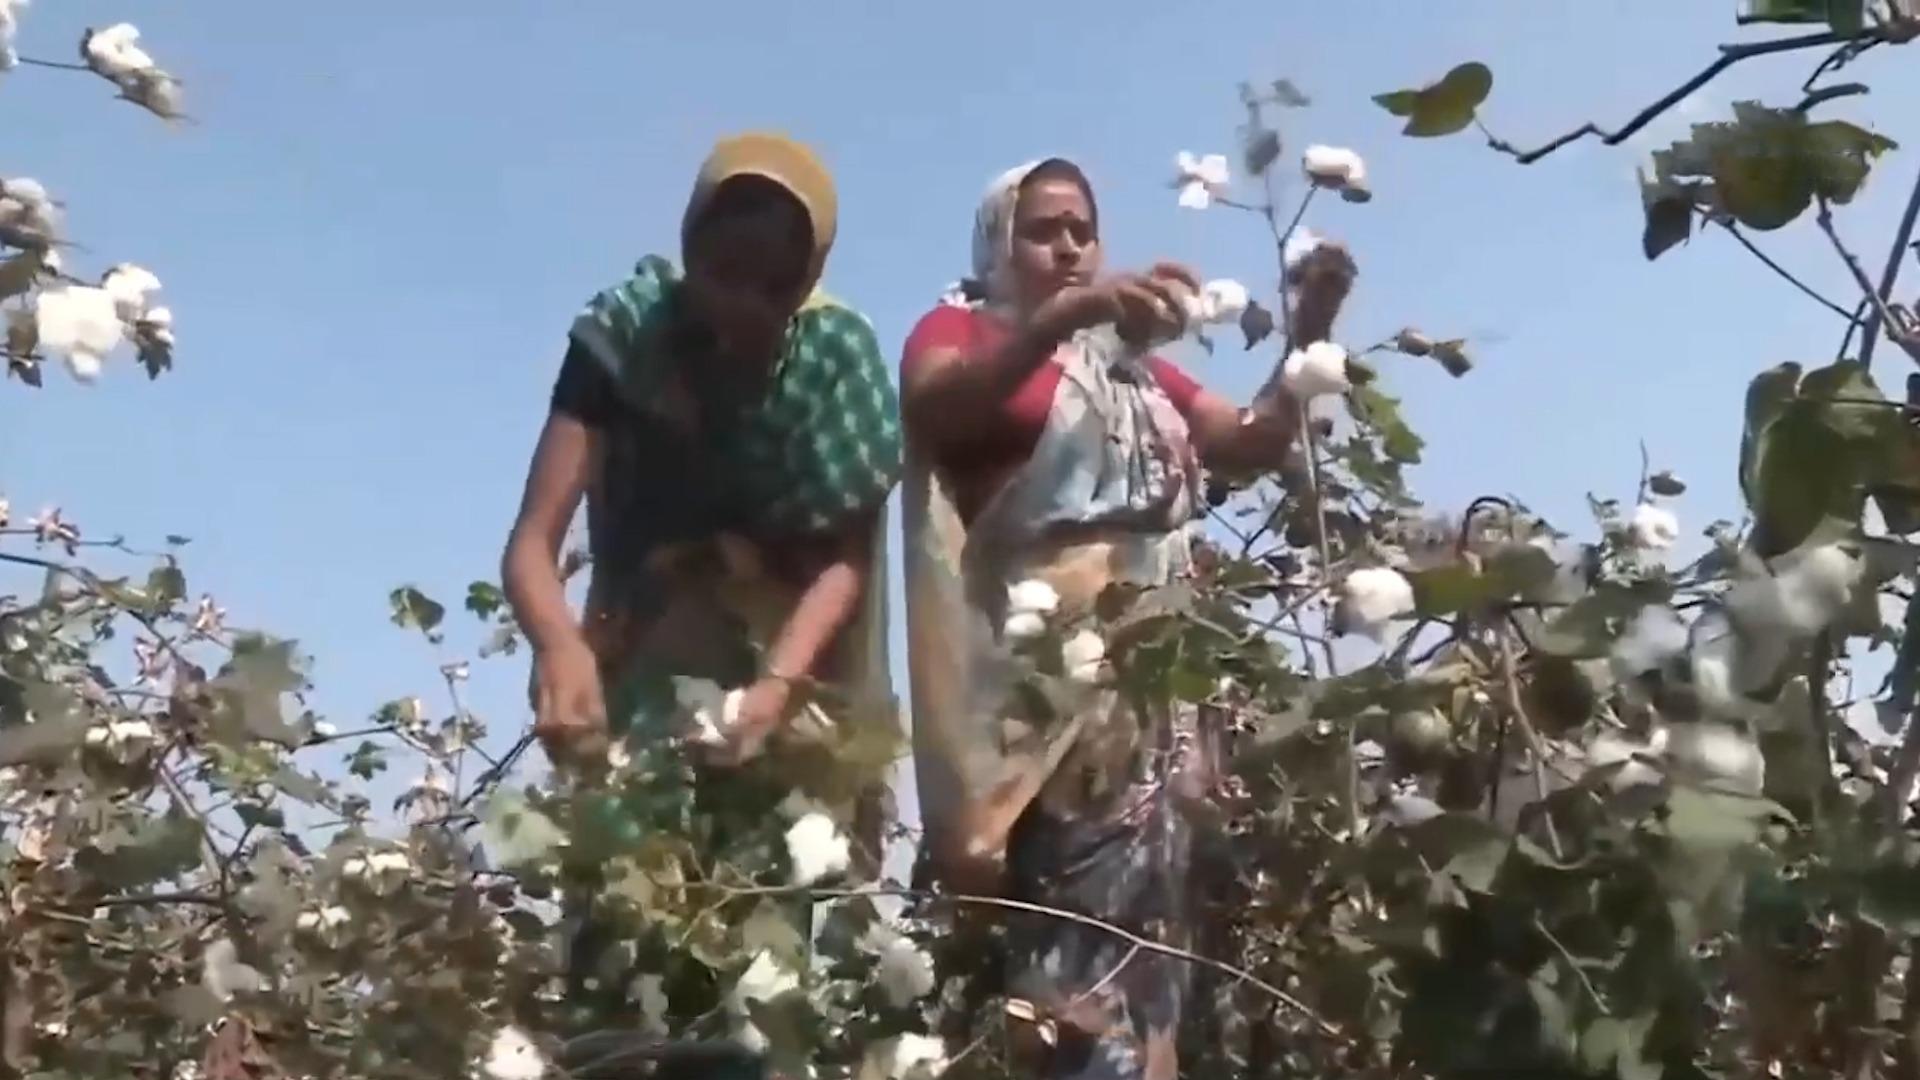 美国孟山都垄断印度棉花种子 繁重债务致棉农自杀